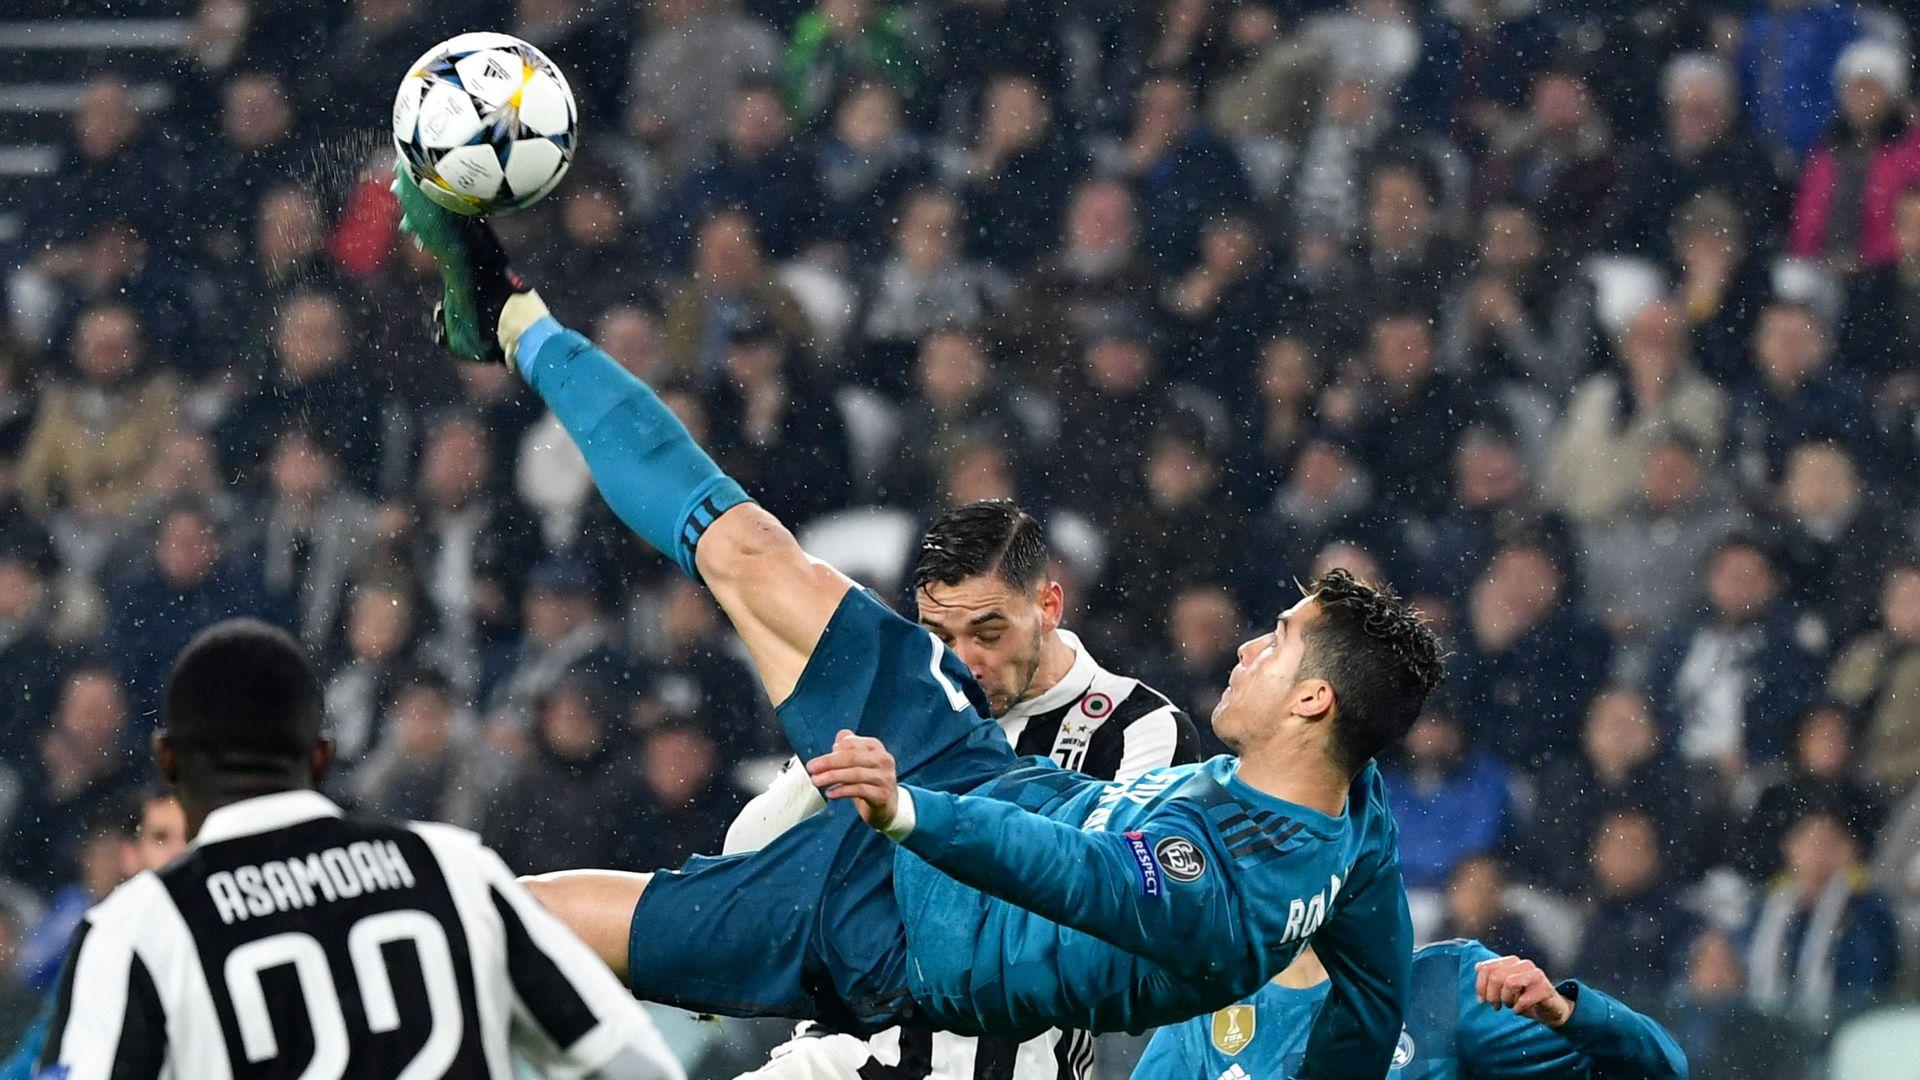 Juventus Real Madrid - Cristiano Ronaldo